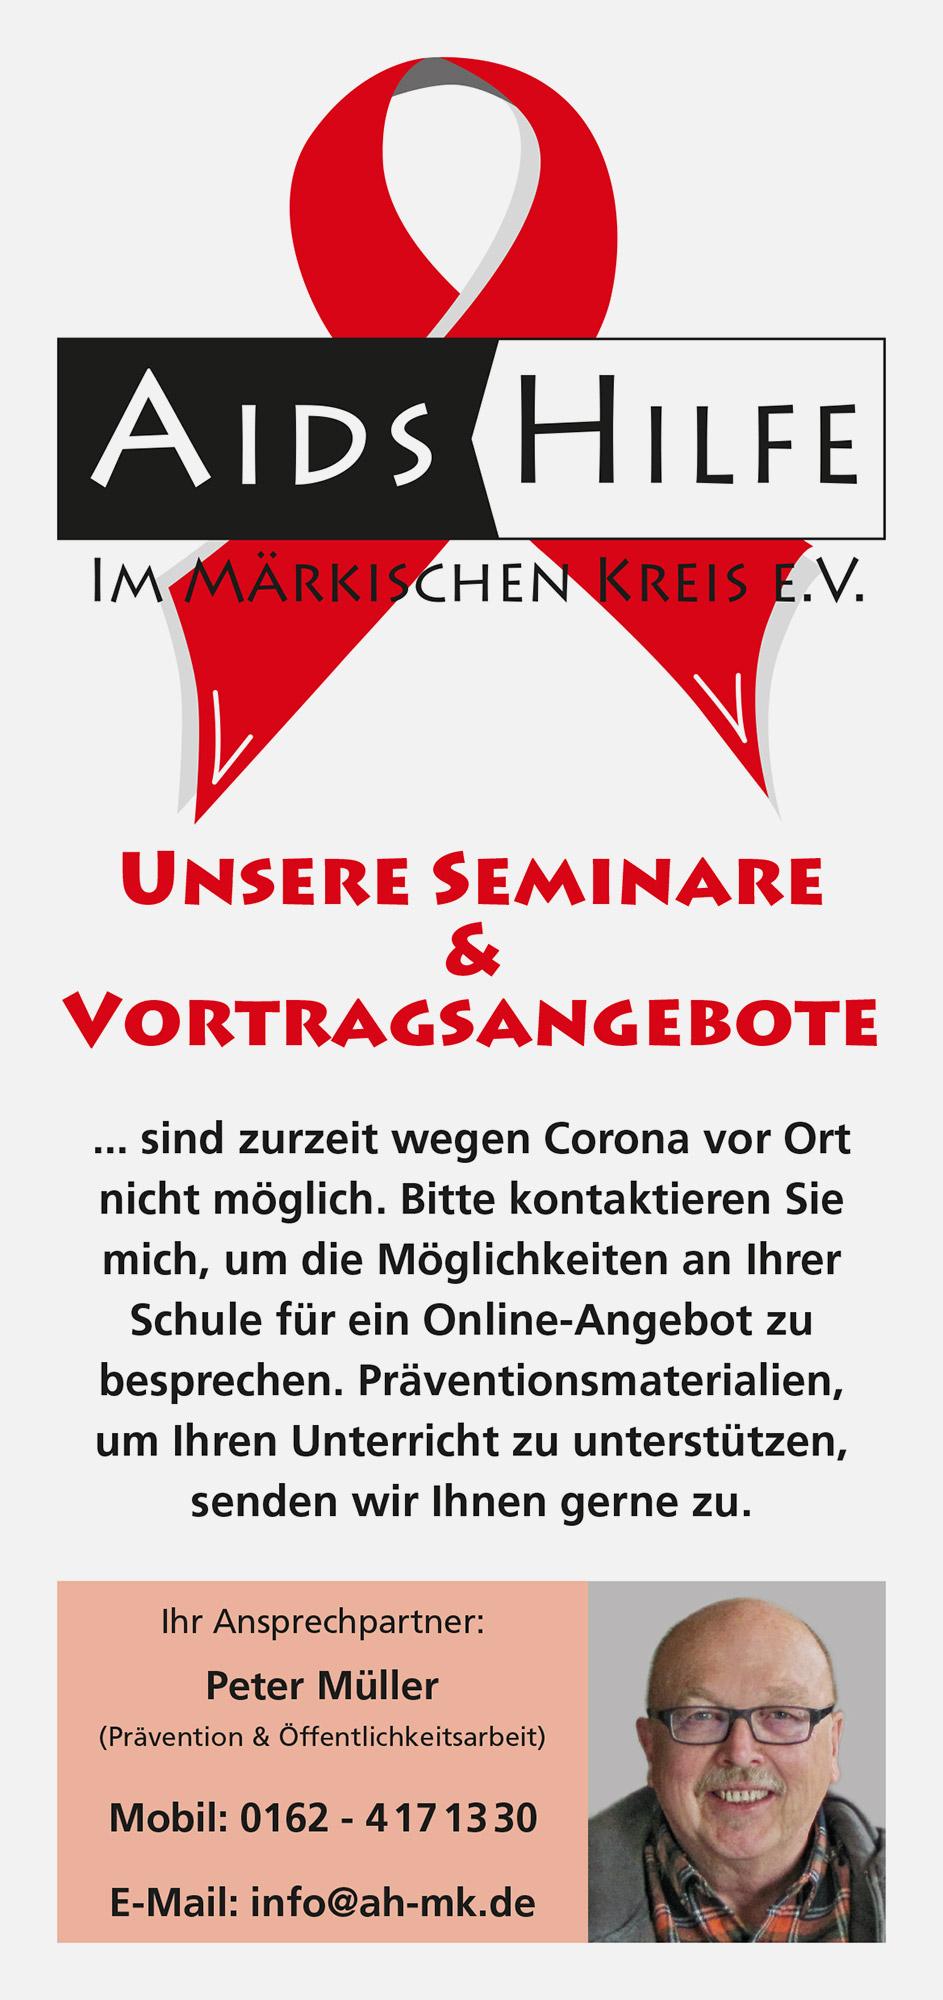 Der aktuelle Info-Flyer für unsere Seminare und Vortragsangebote